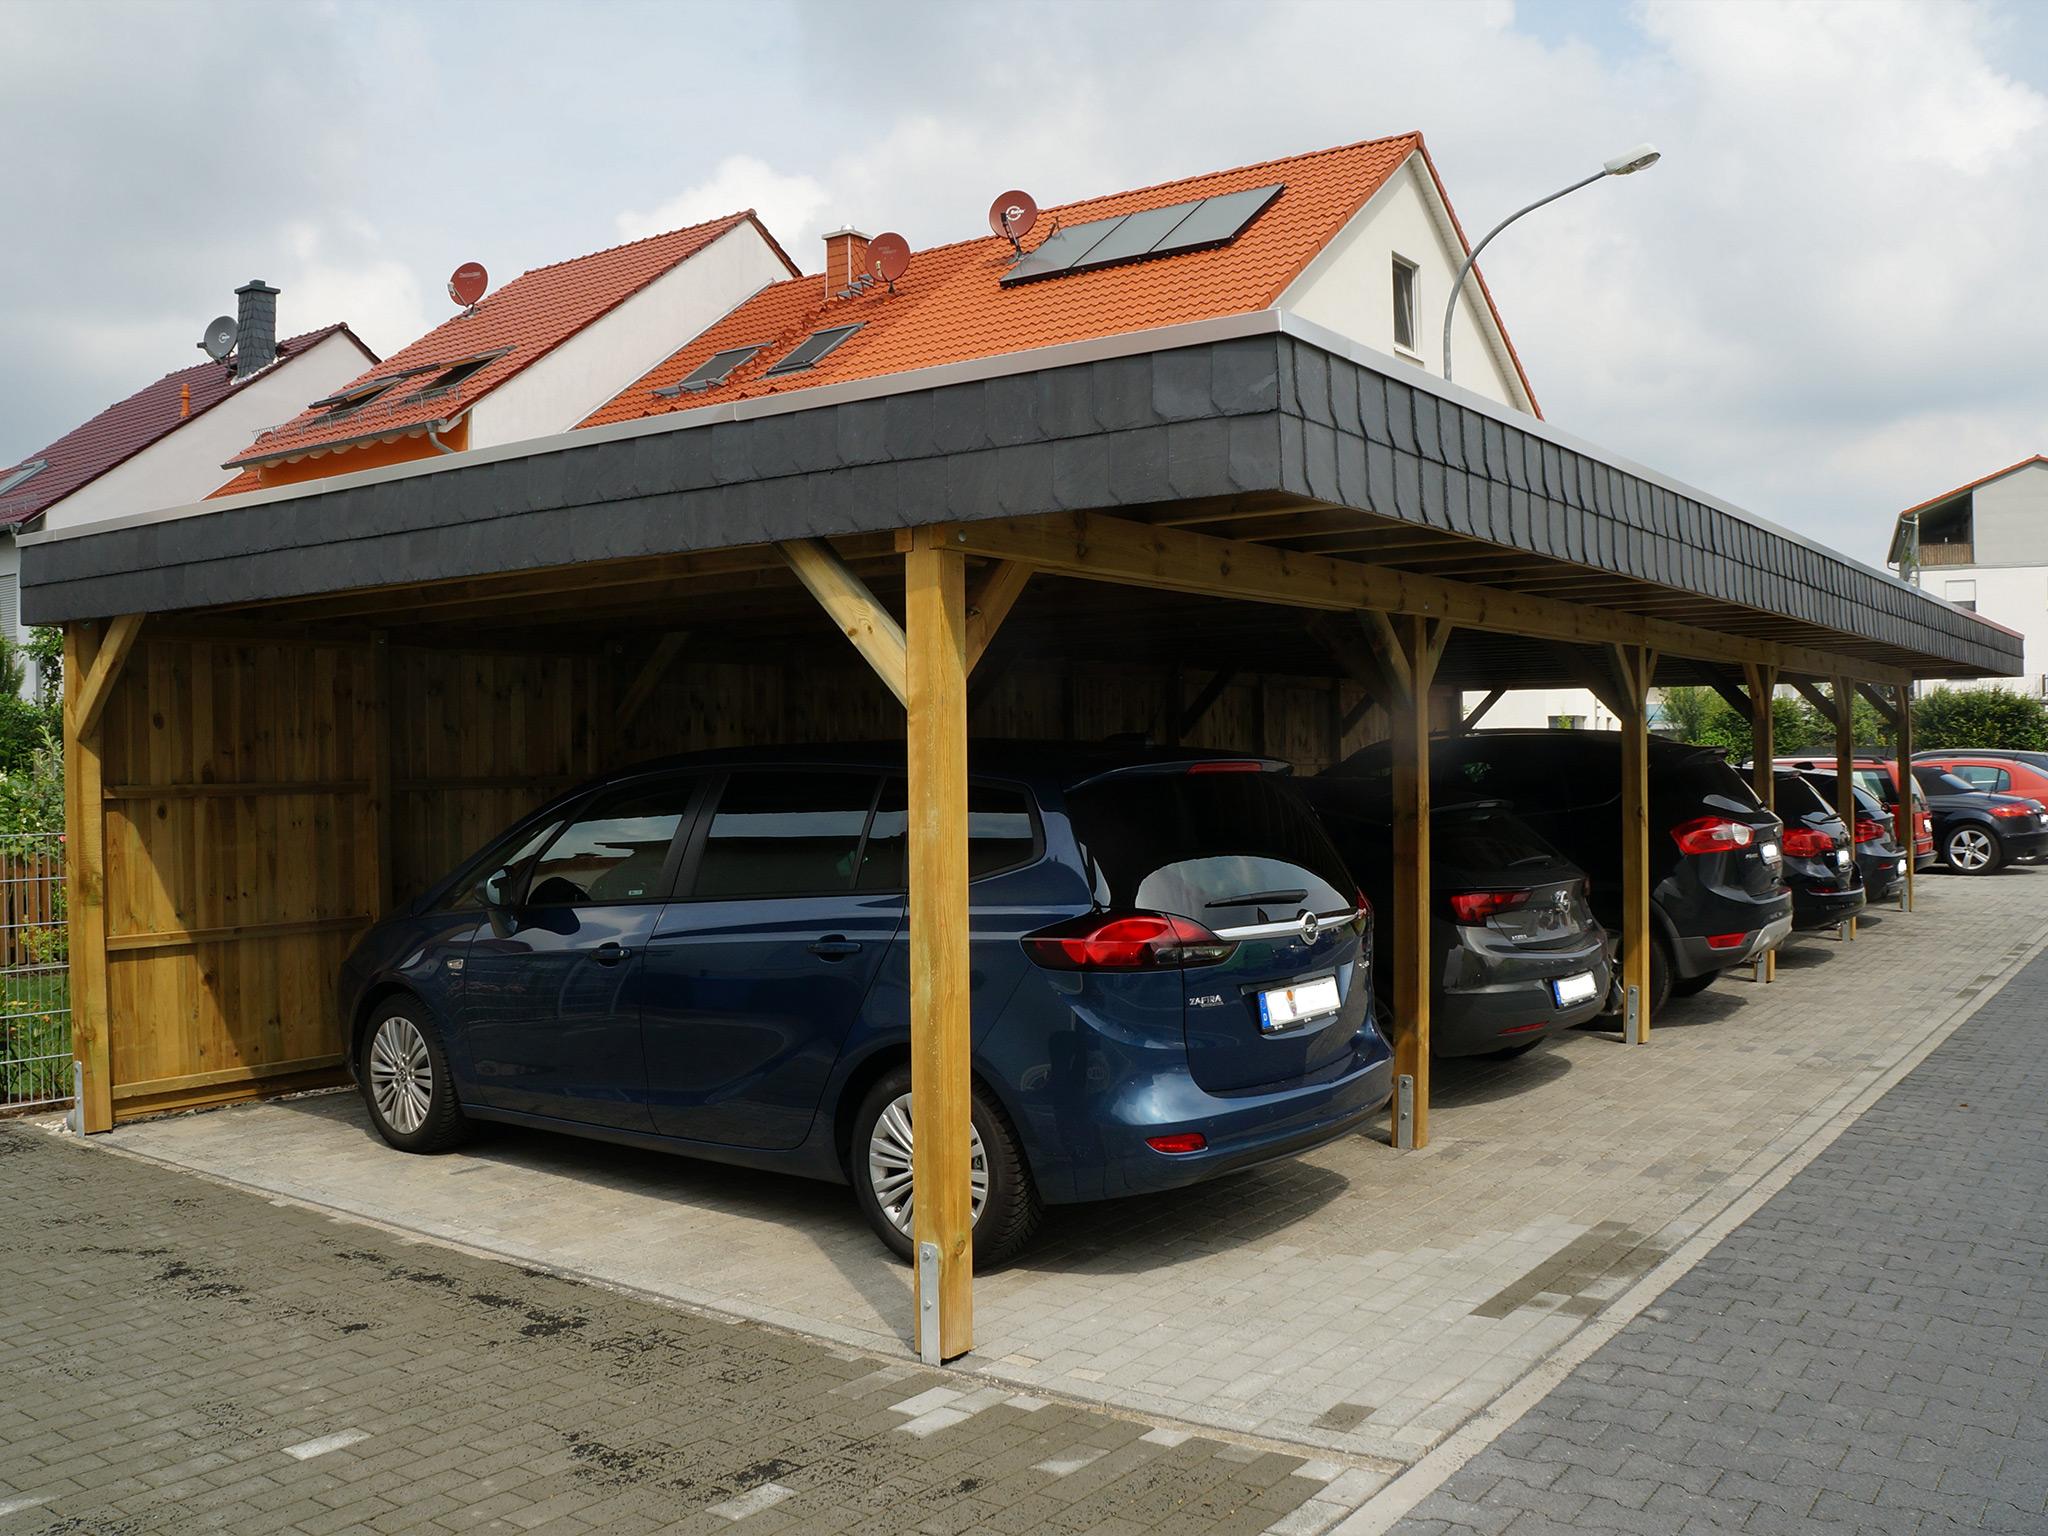 Carport Reihenanlage für viele Autos